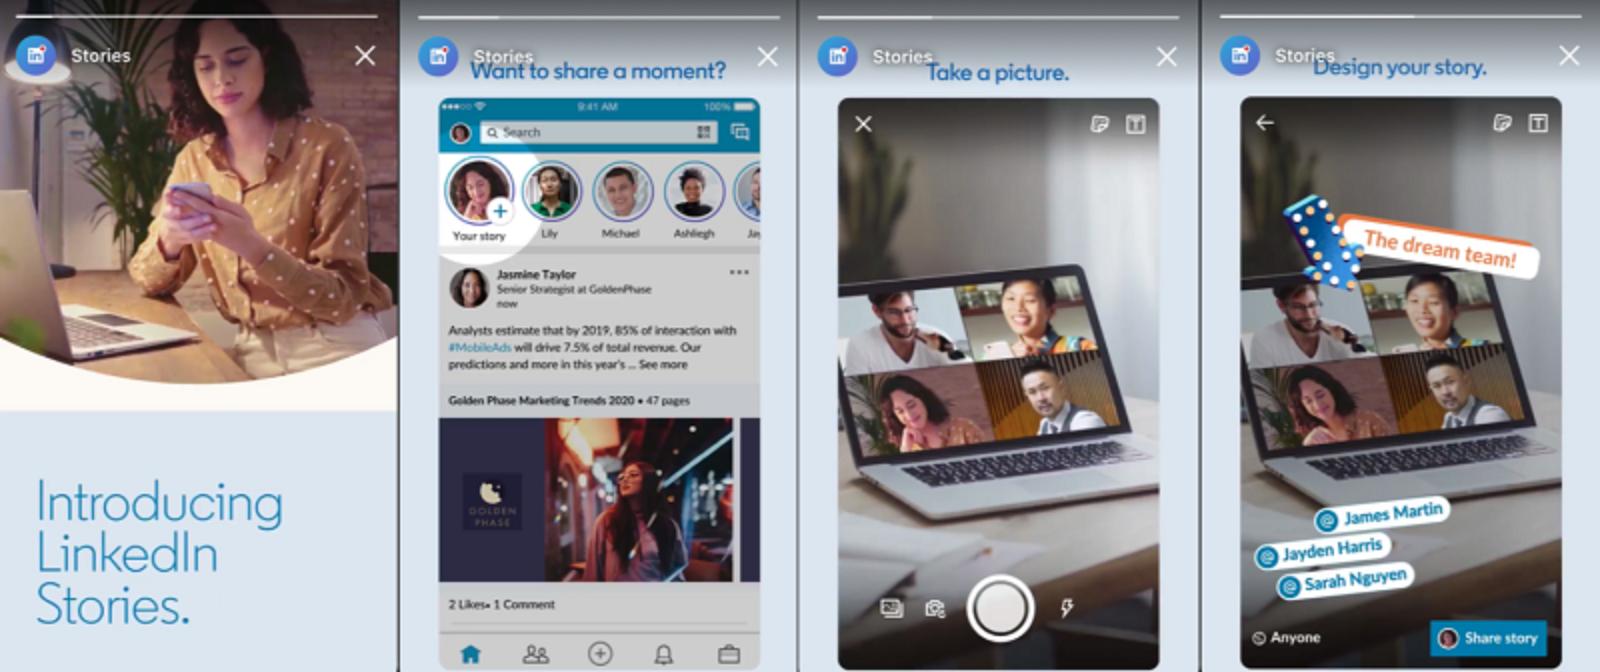 storie di LinkedIn per aumentare molto di più il tuo personal branding